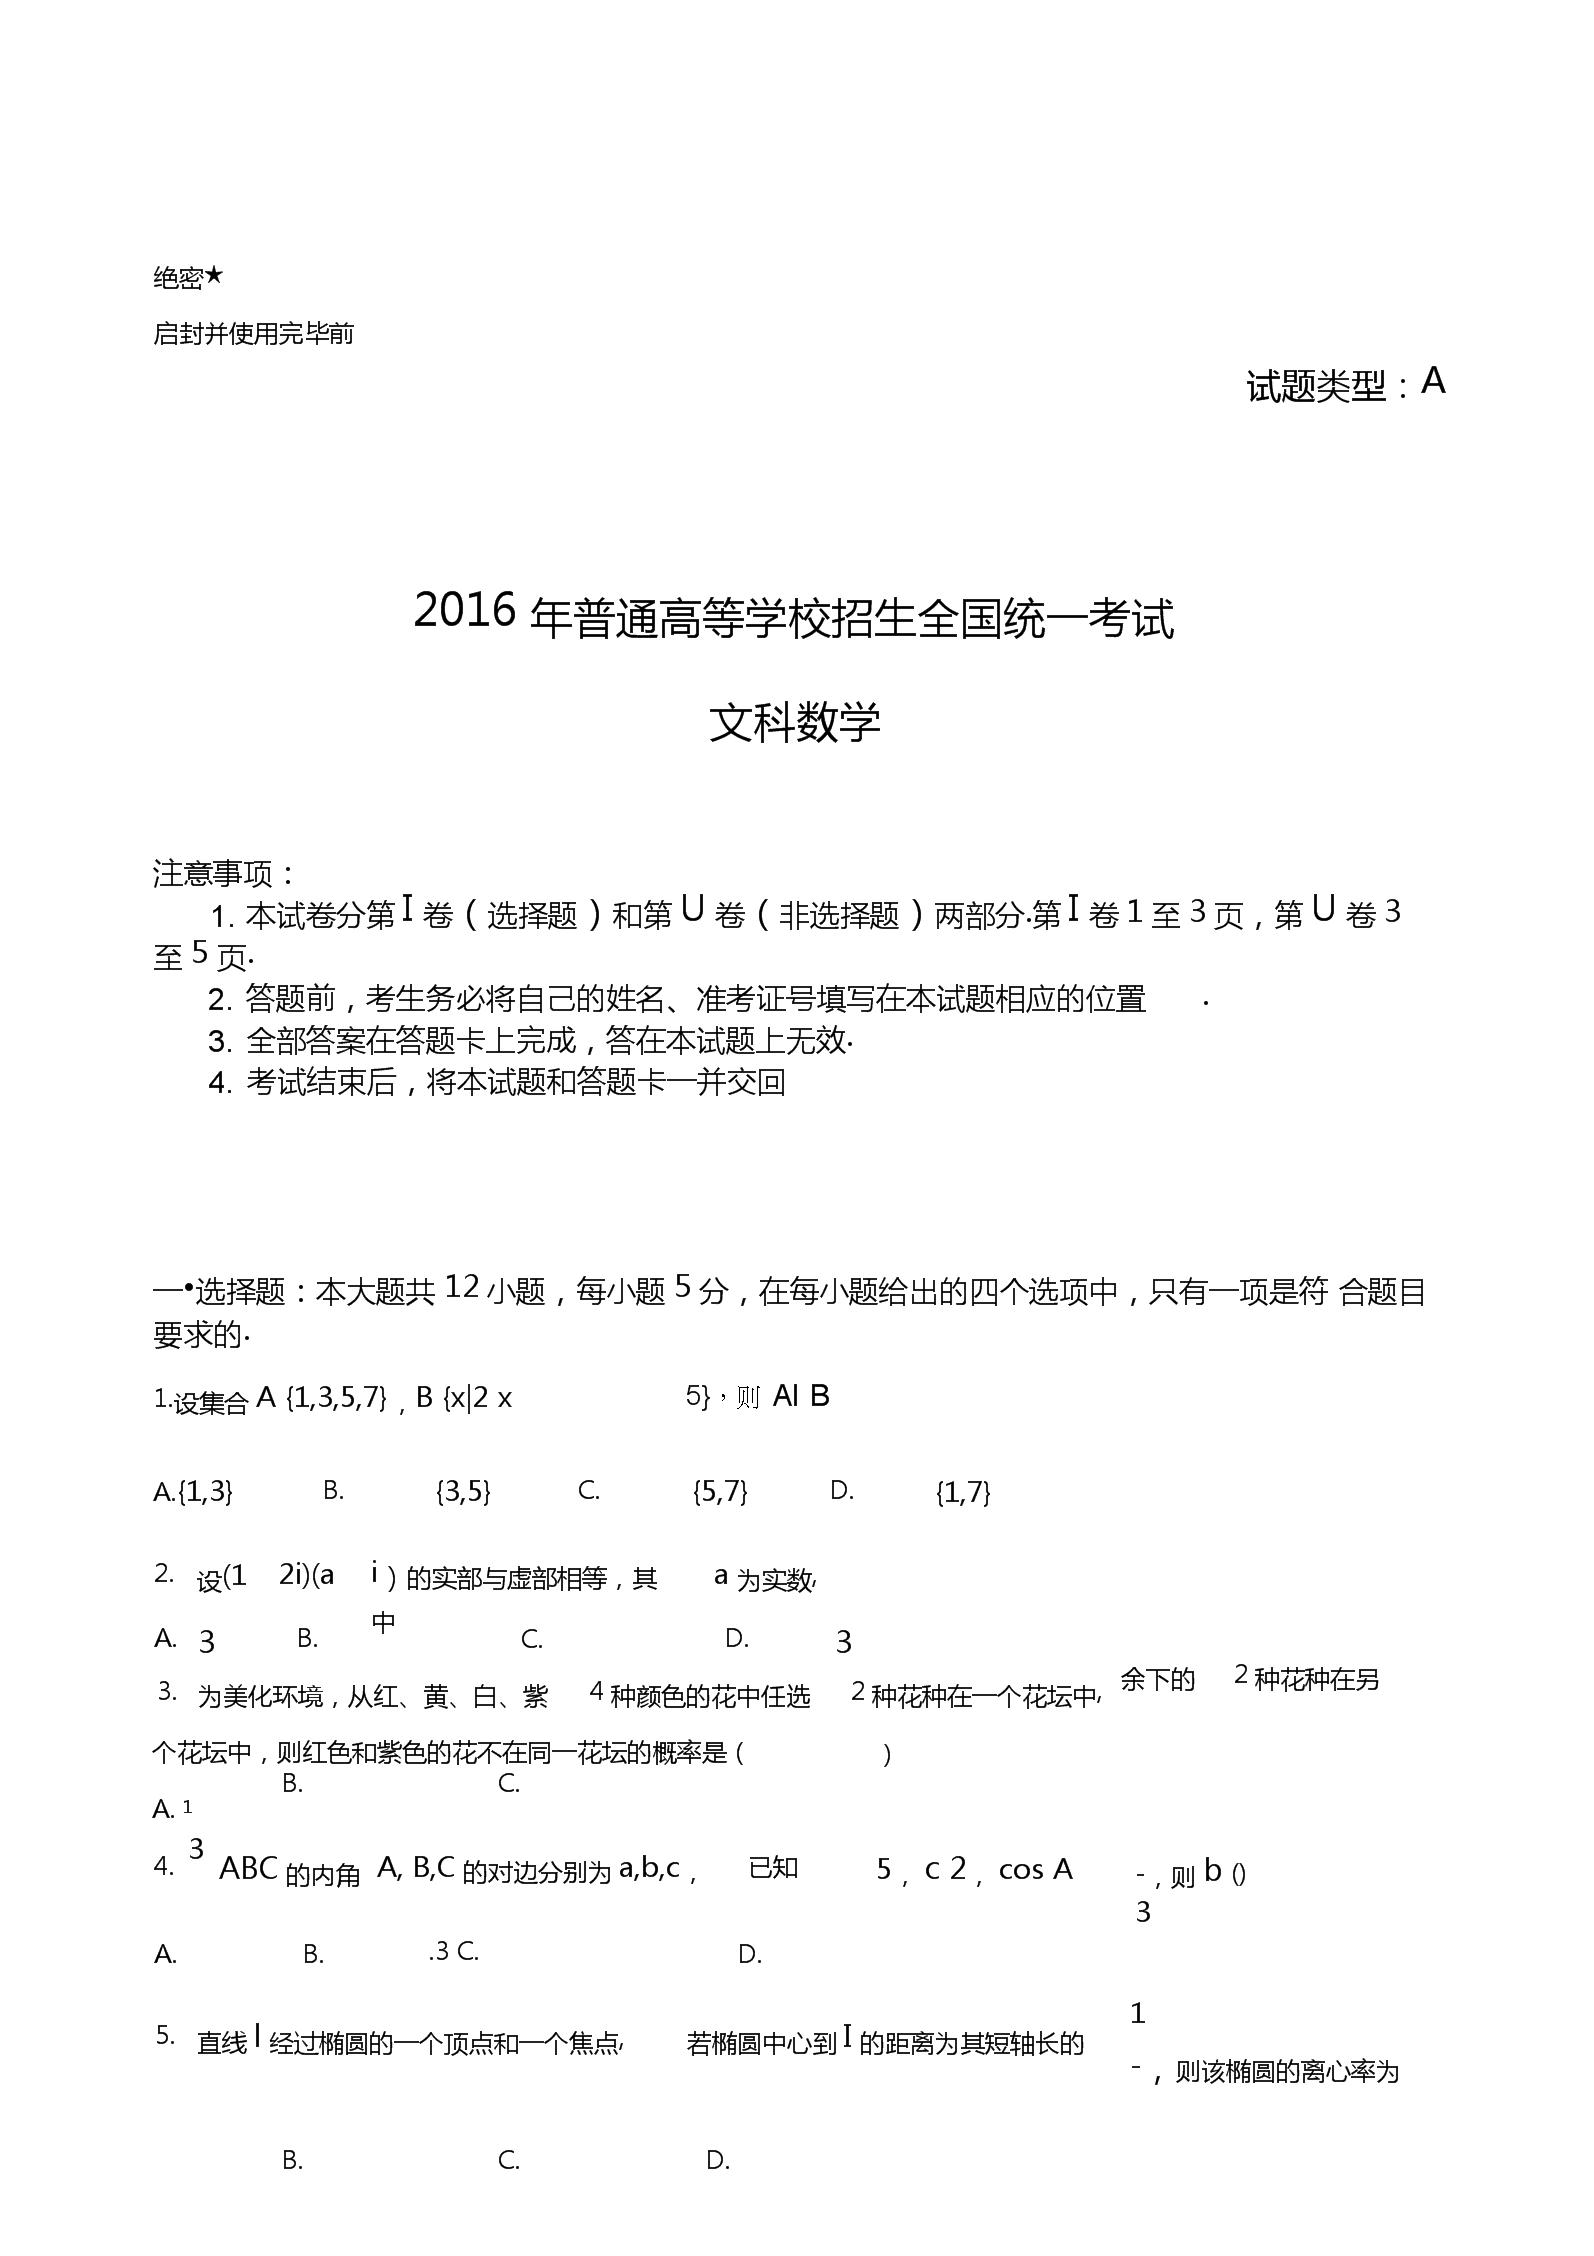 全国高考文科数学试题及解析全国卷.docx